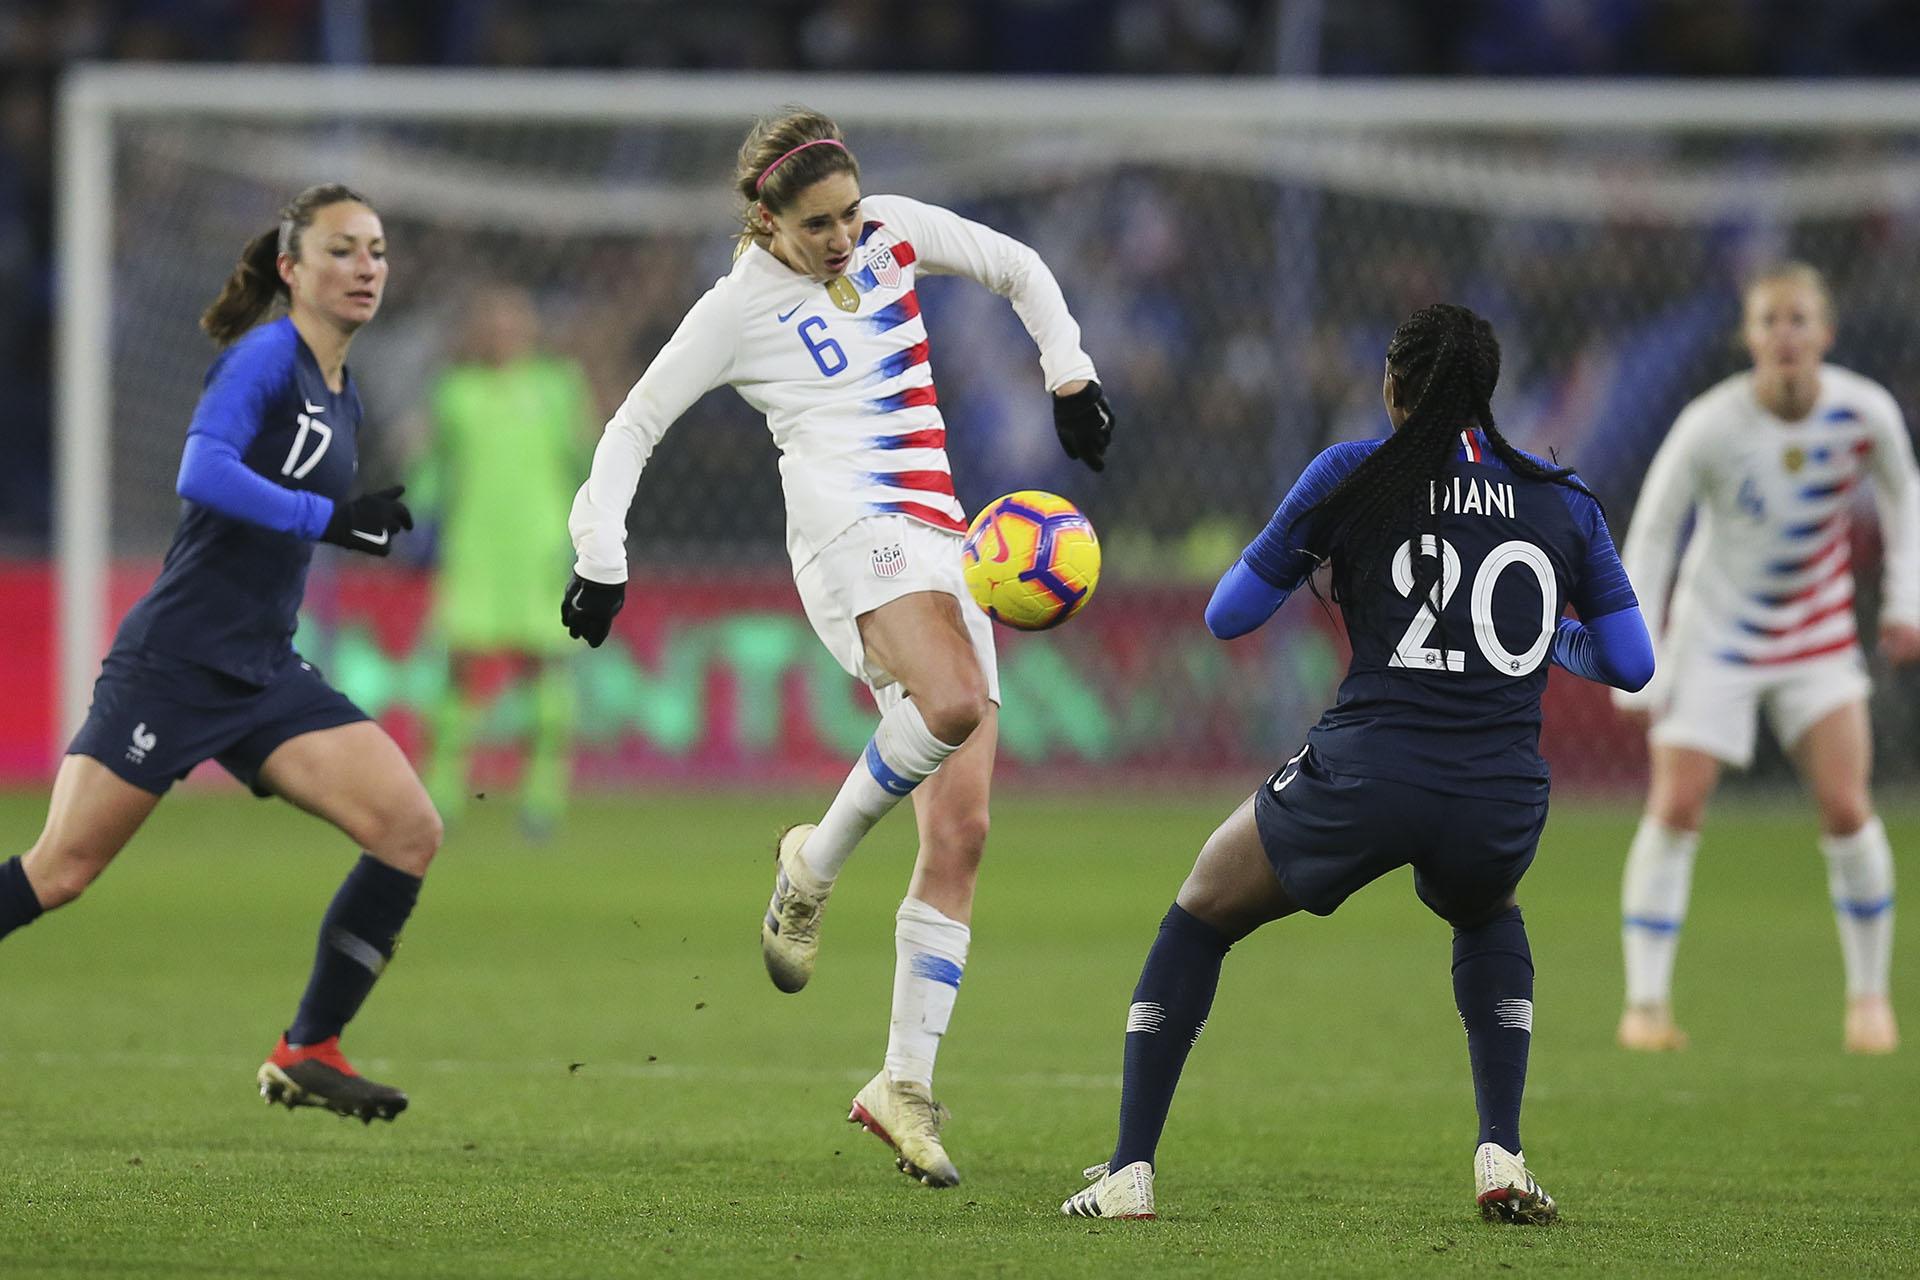 Estados Unidos sintió las bajas de figuras como Megan Rapinoe, Tobin Heath, Casey Short, Julie Ertz y Kelley O'Hara (AP)